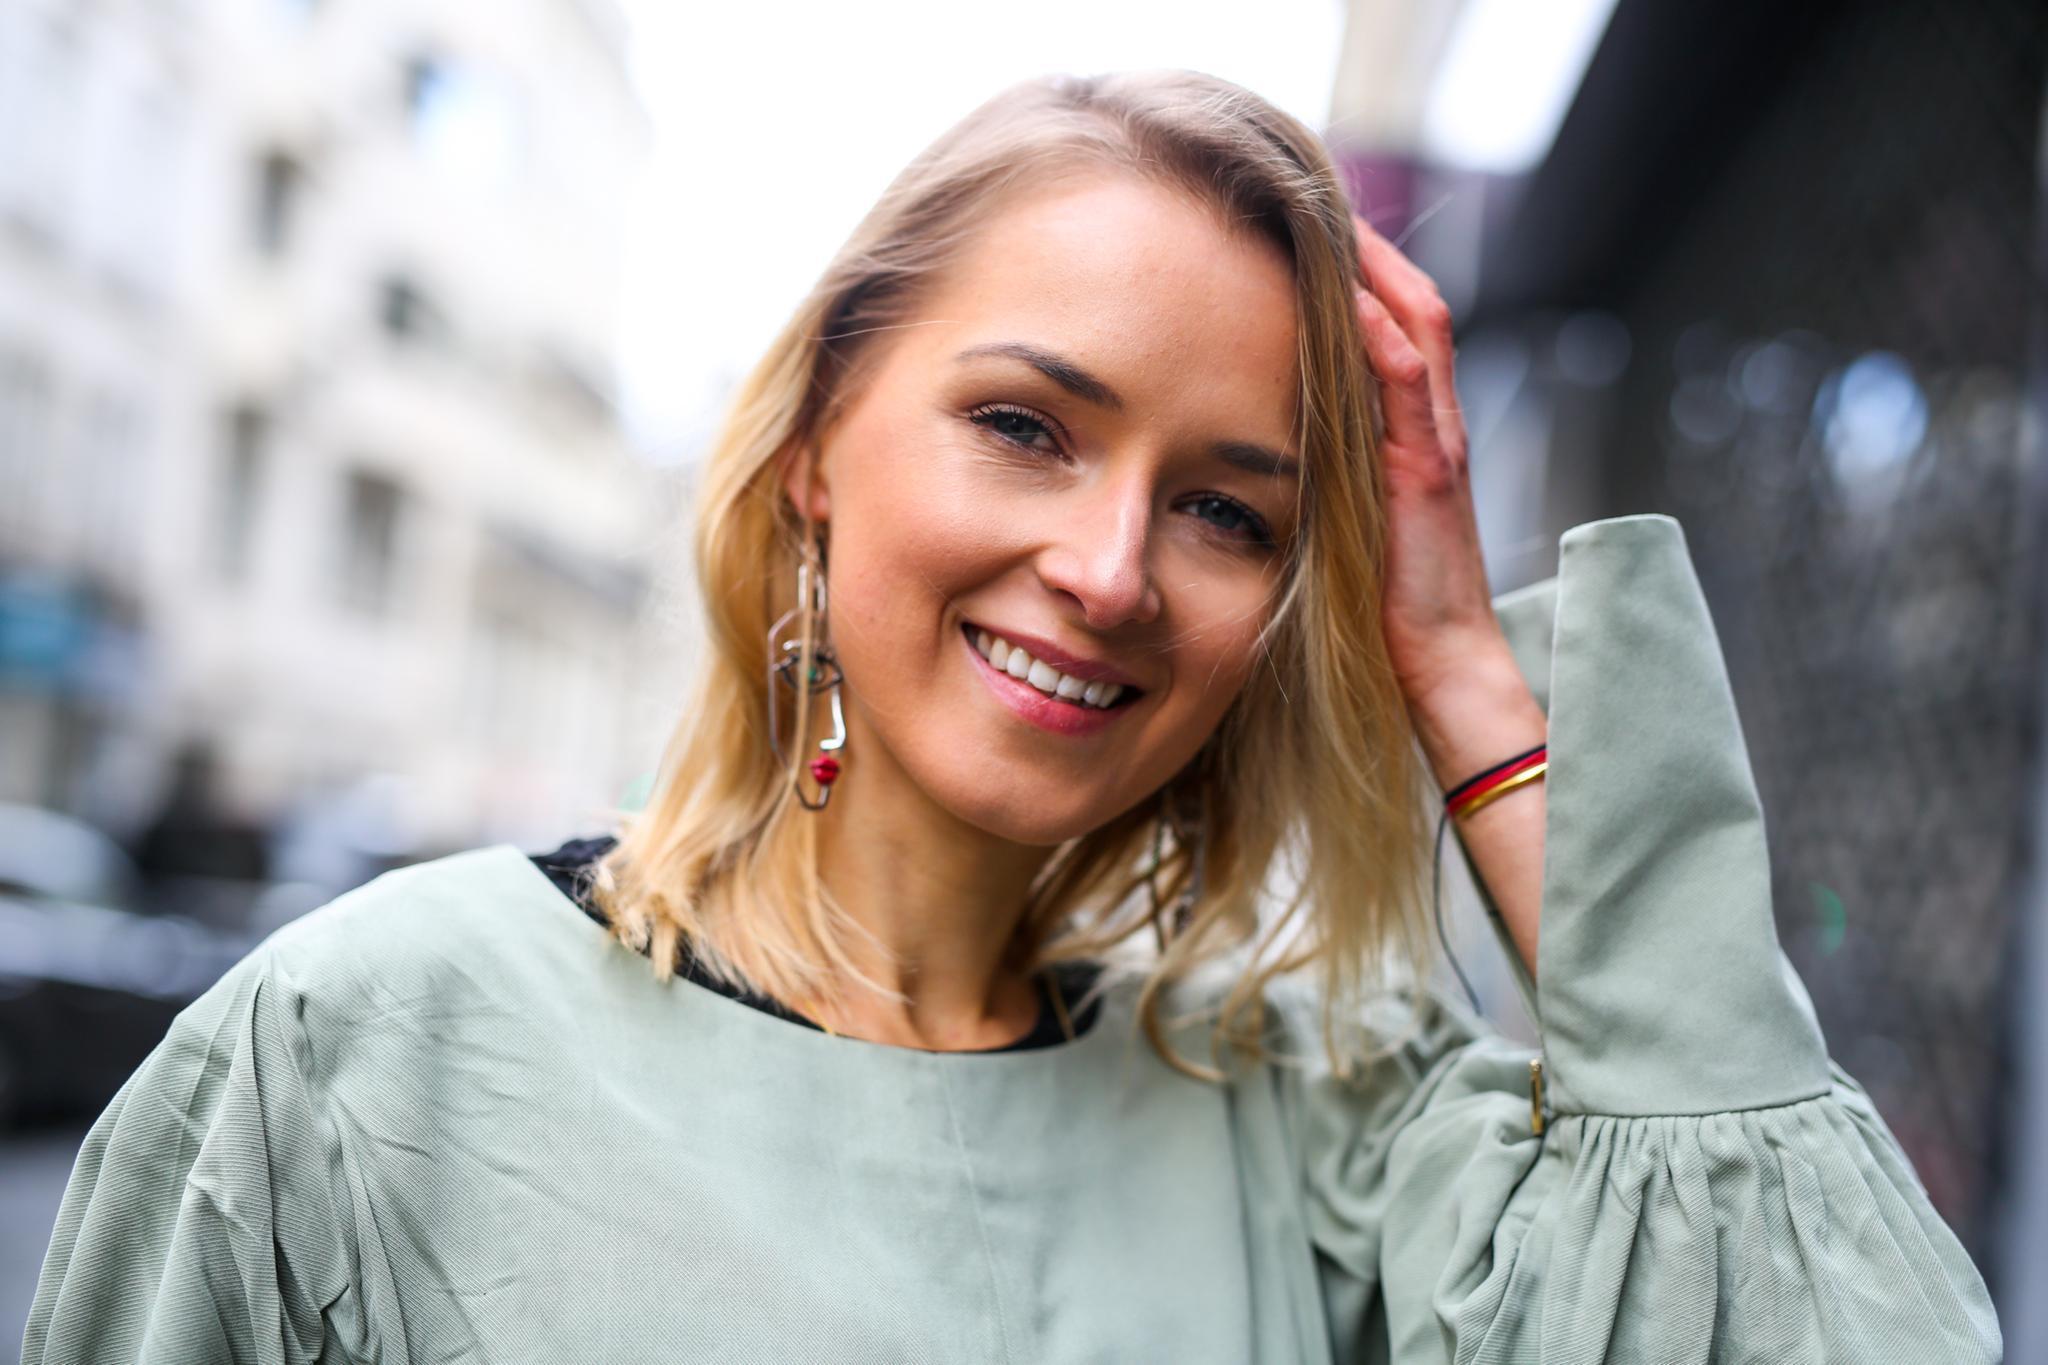 Frisuren Für Feines Haare Schnitte Styling Tolle Looks Brigittede